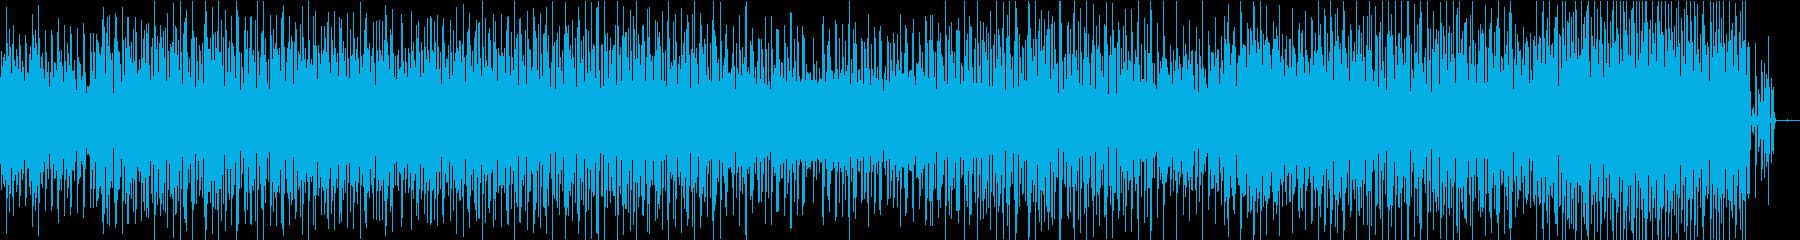 加速するイントロから漆黒のサウンドへの再生済みの波形